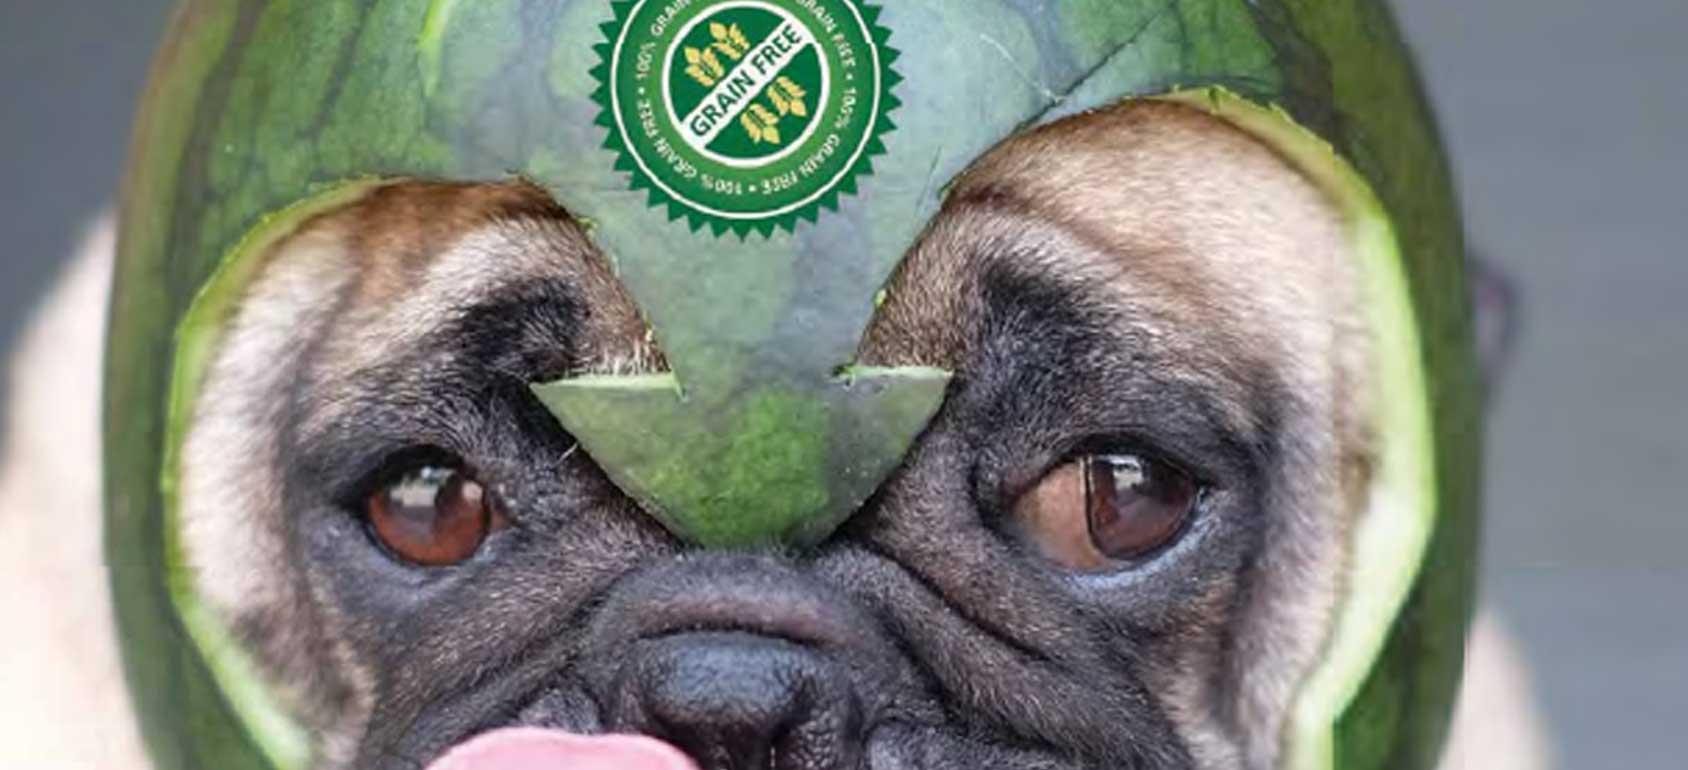 無穀認證的狗照片